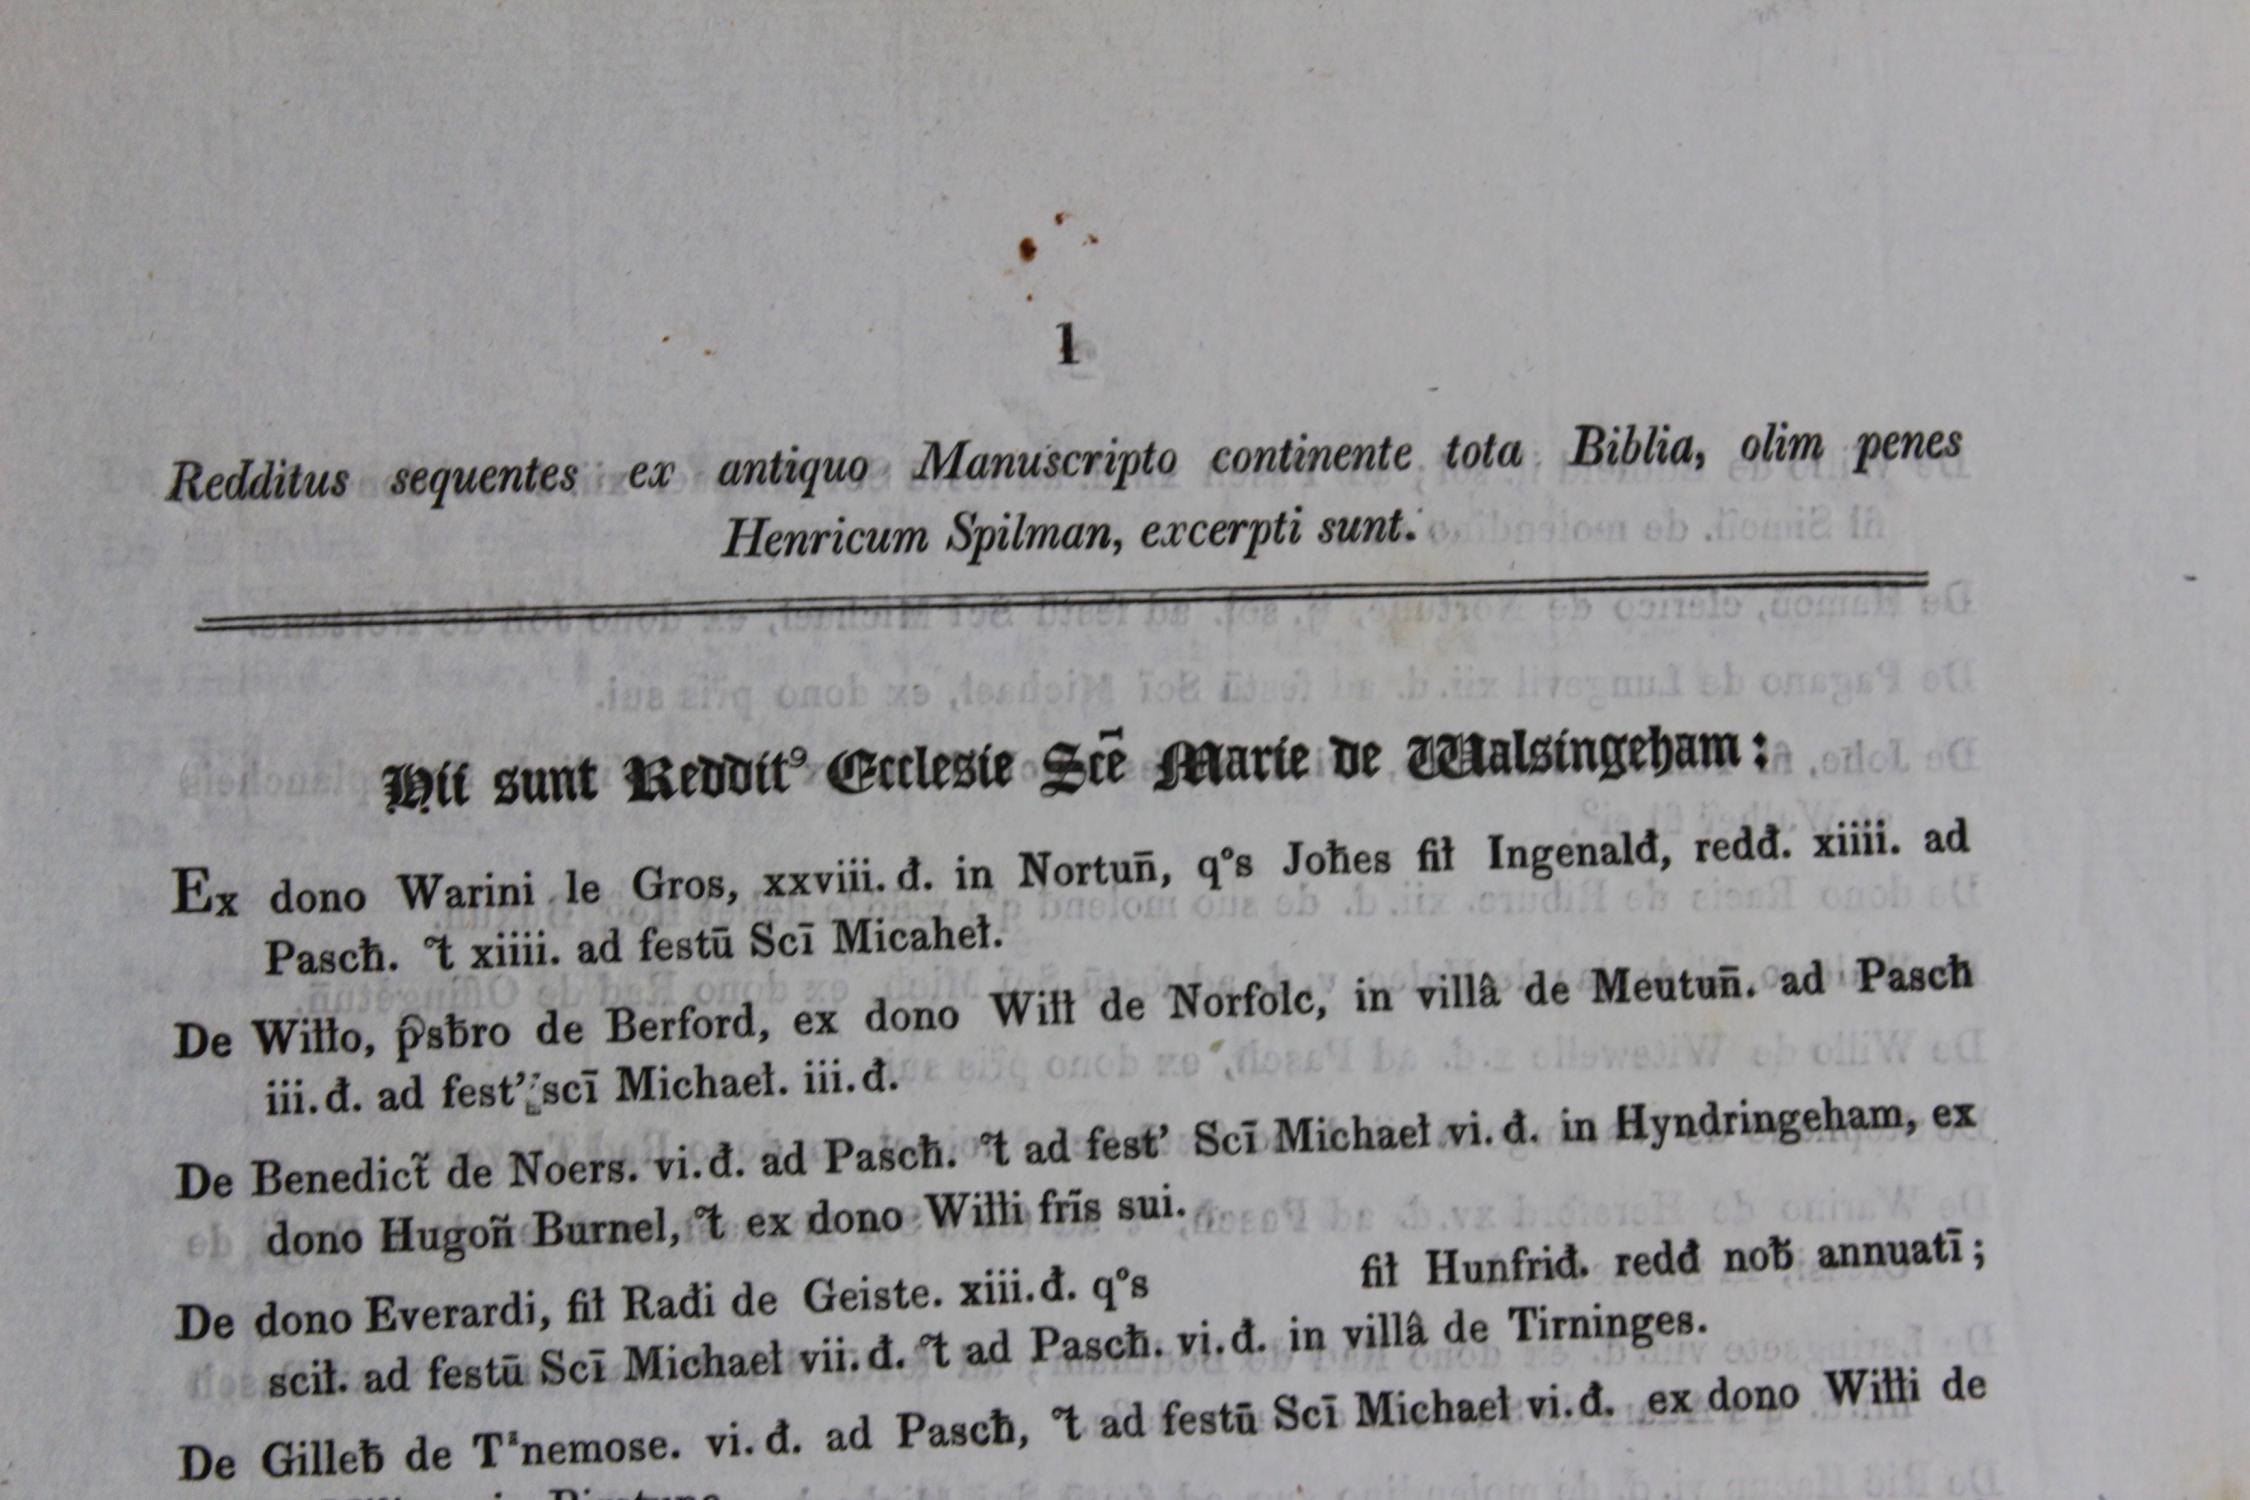 Redditus sequentes ex antiquo manuscripto continente tota Biblia, olim penes Henricum Spilman, excerpti sunt. [Church of St Mary, Walsingham, Norfolk